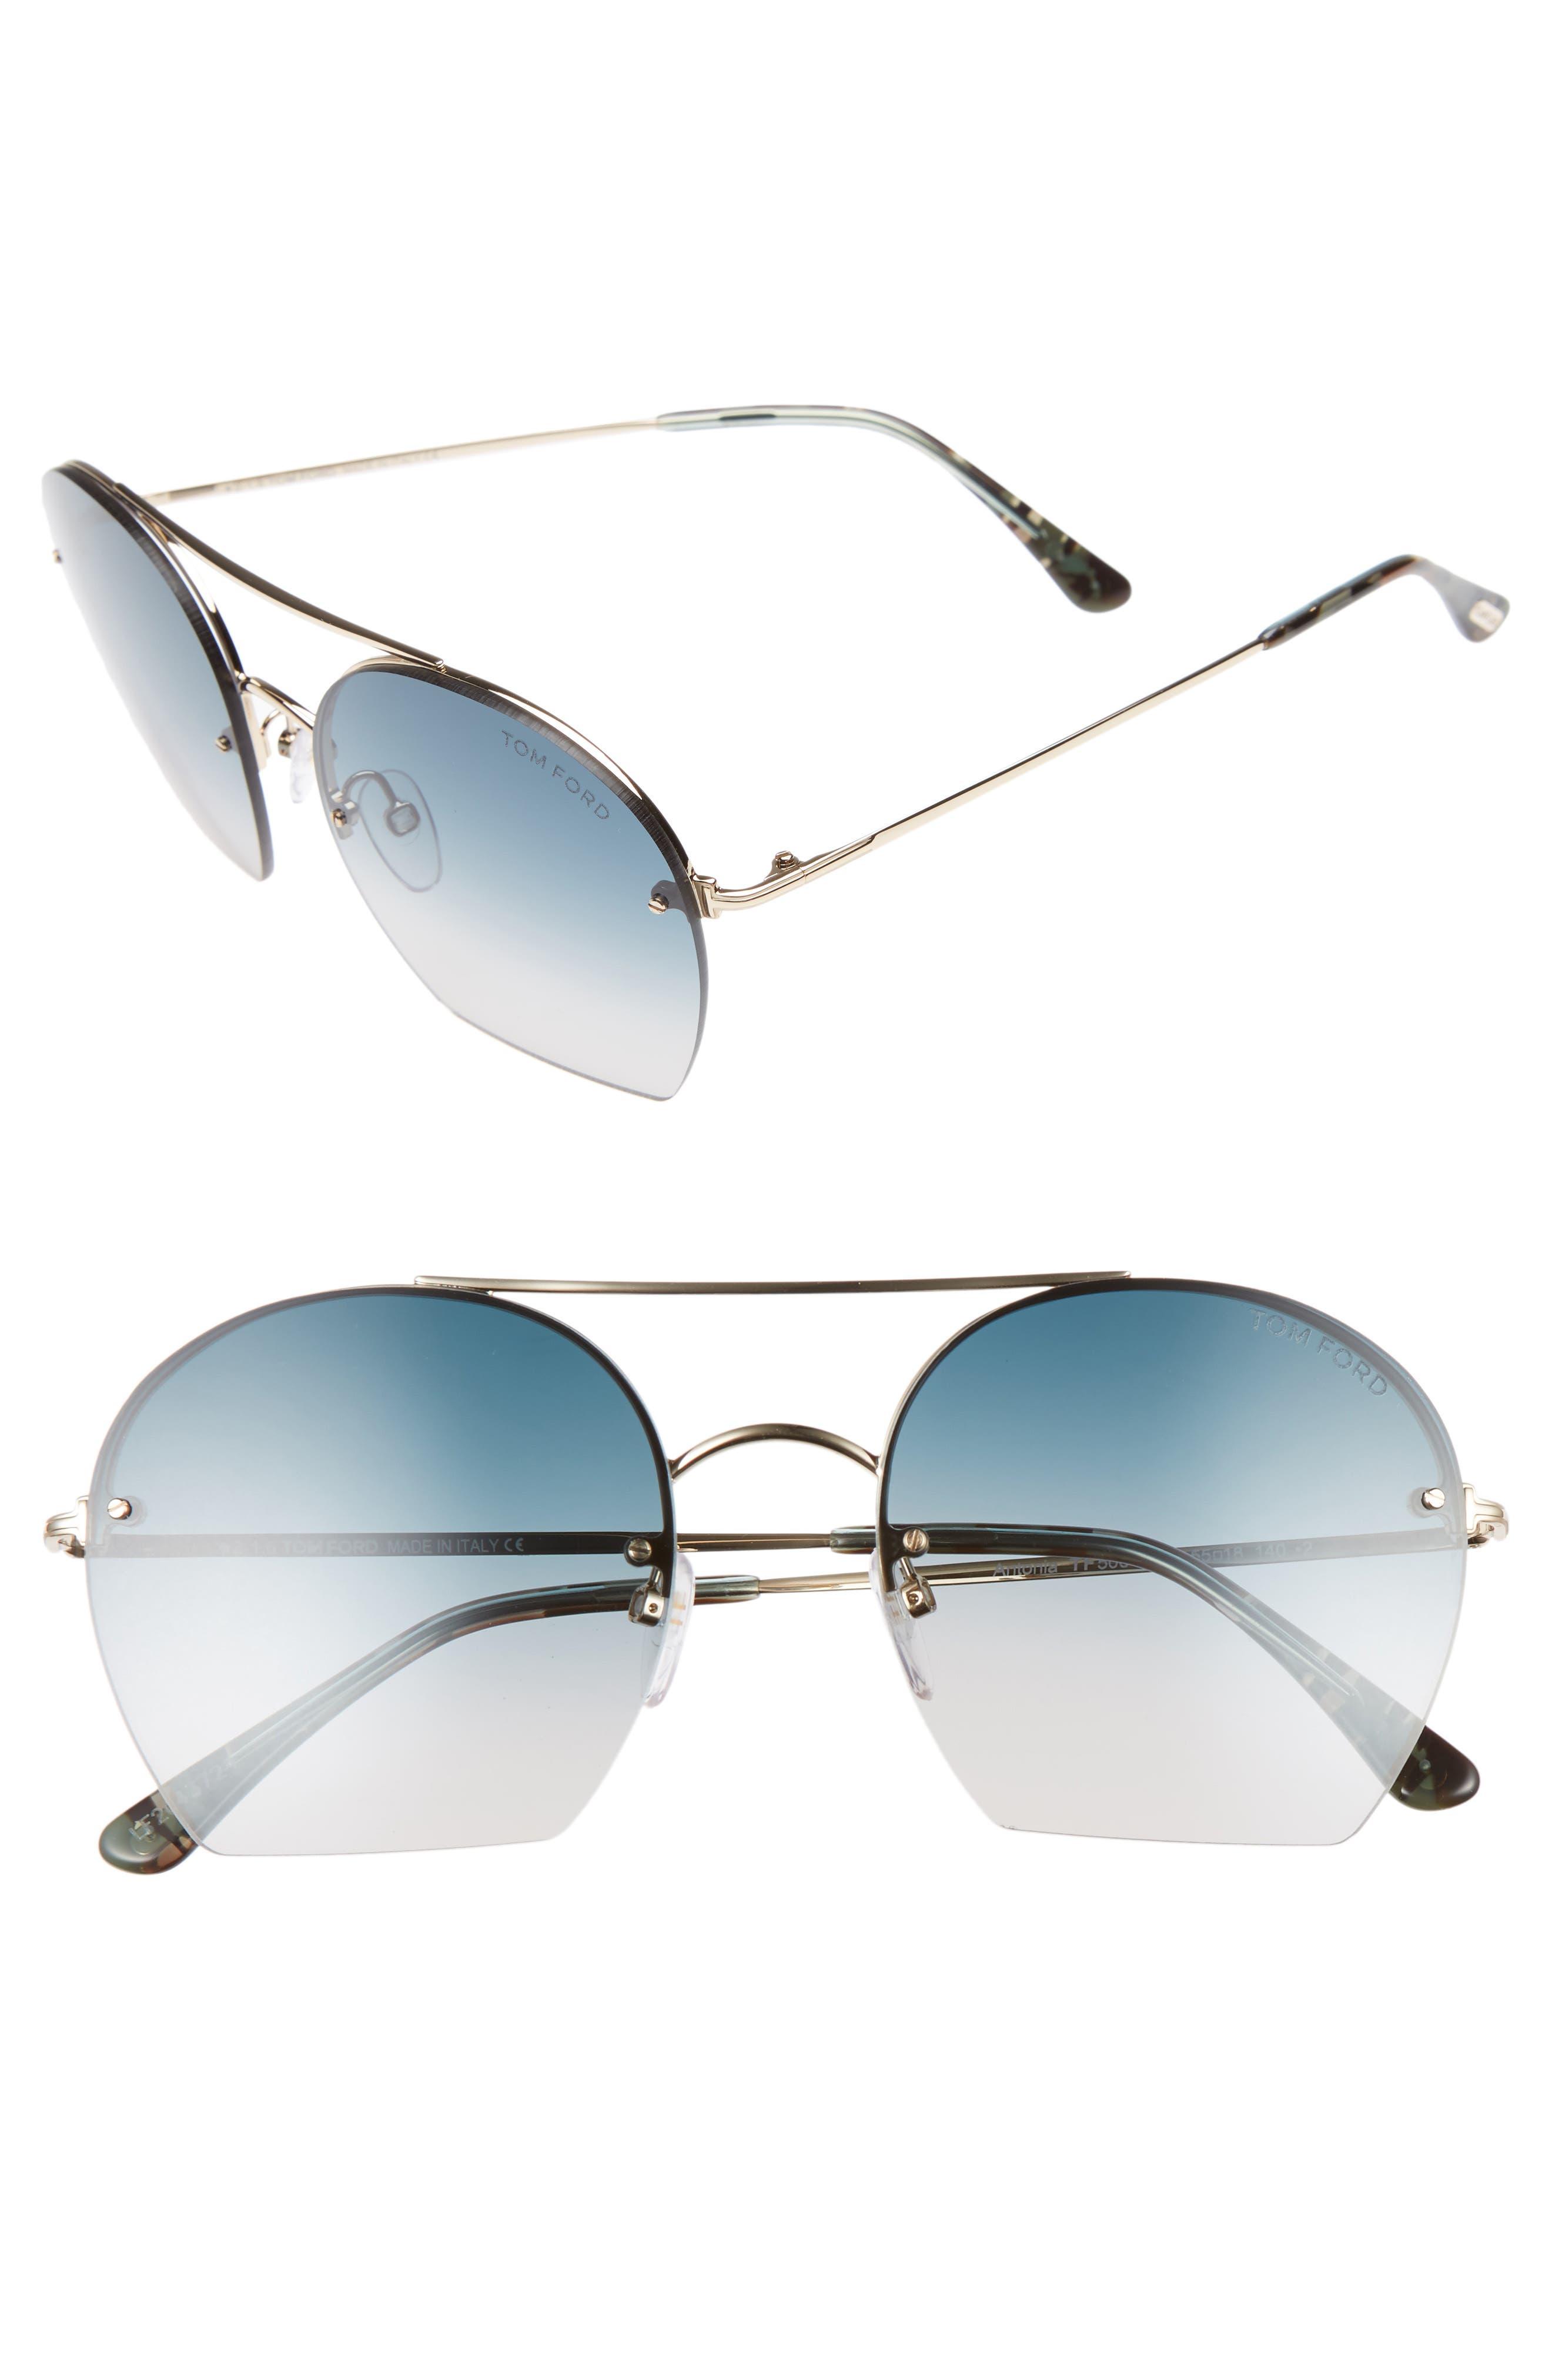 Antonia 55mm Gradient Lens Aviator Sunglasses,                             Main thumbnail 1, color,